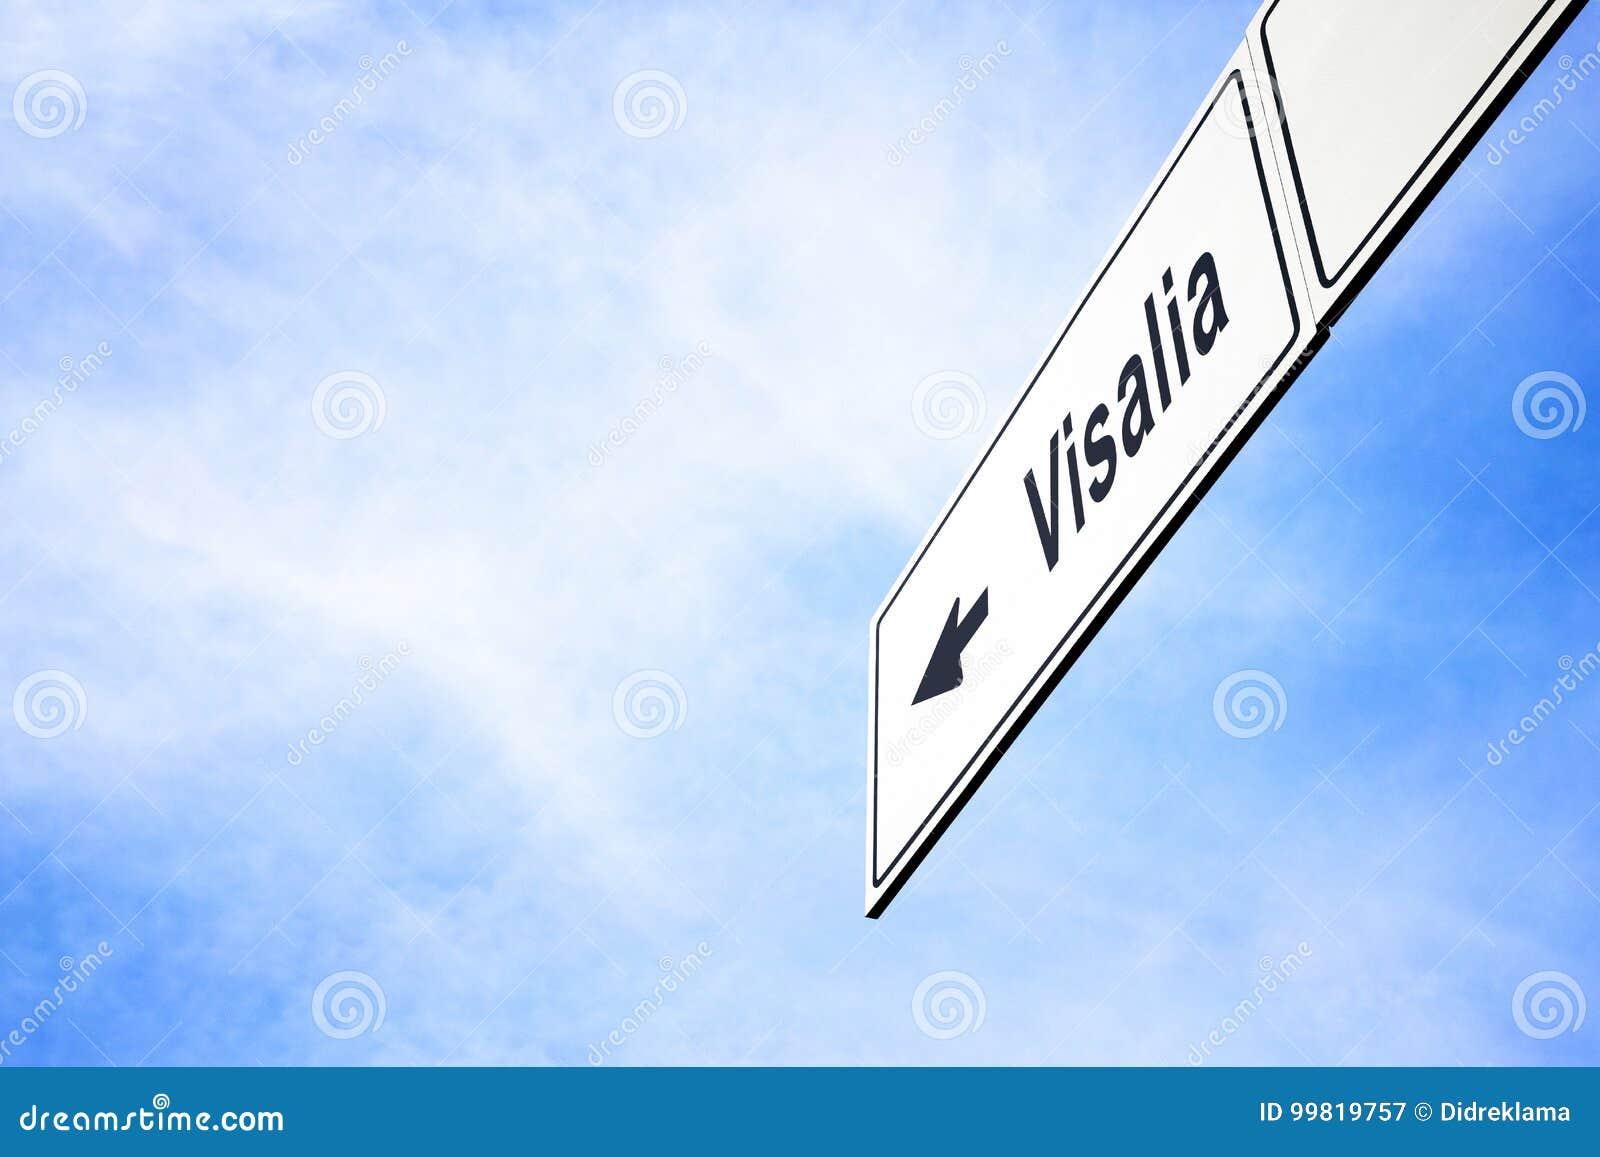 Signboard wskazuje w kierunku Visalia